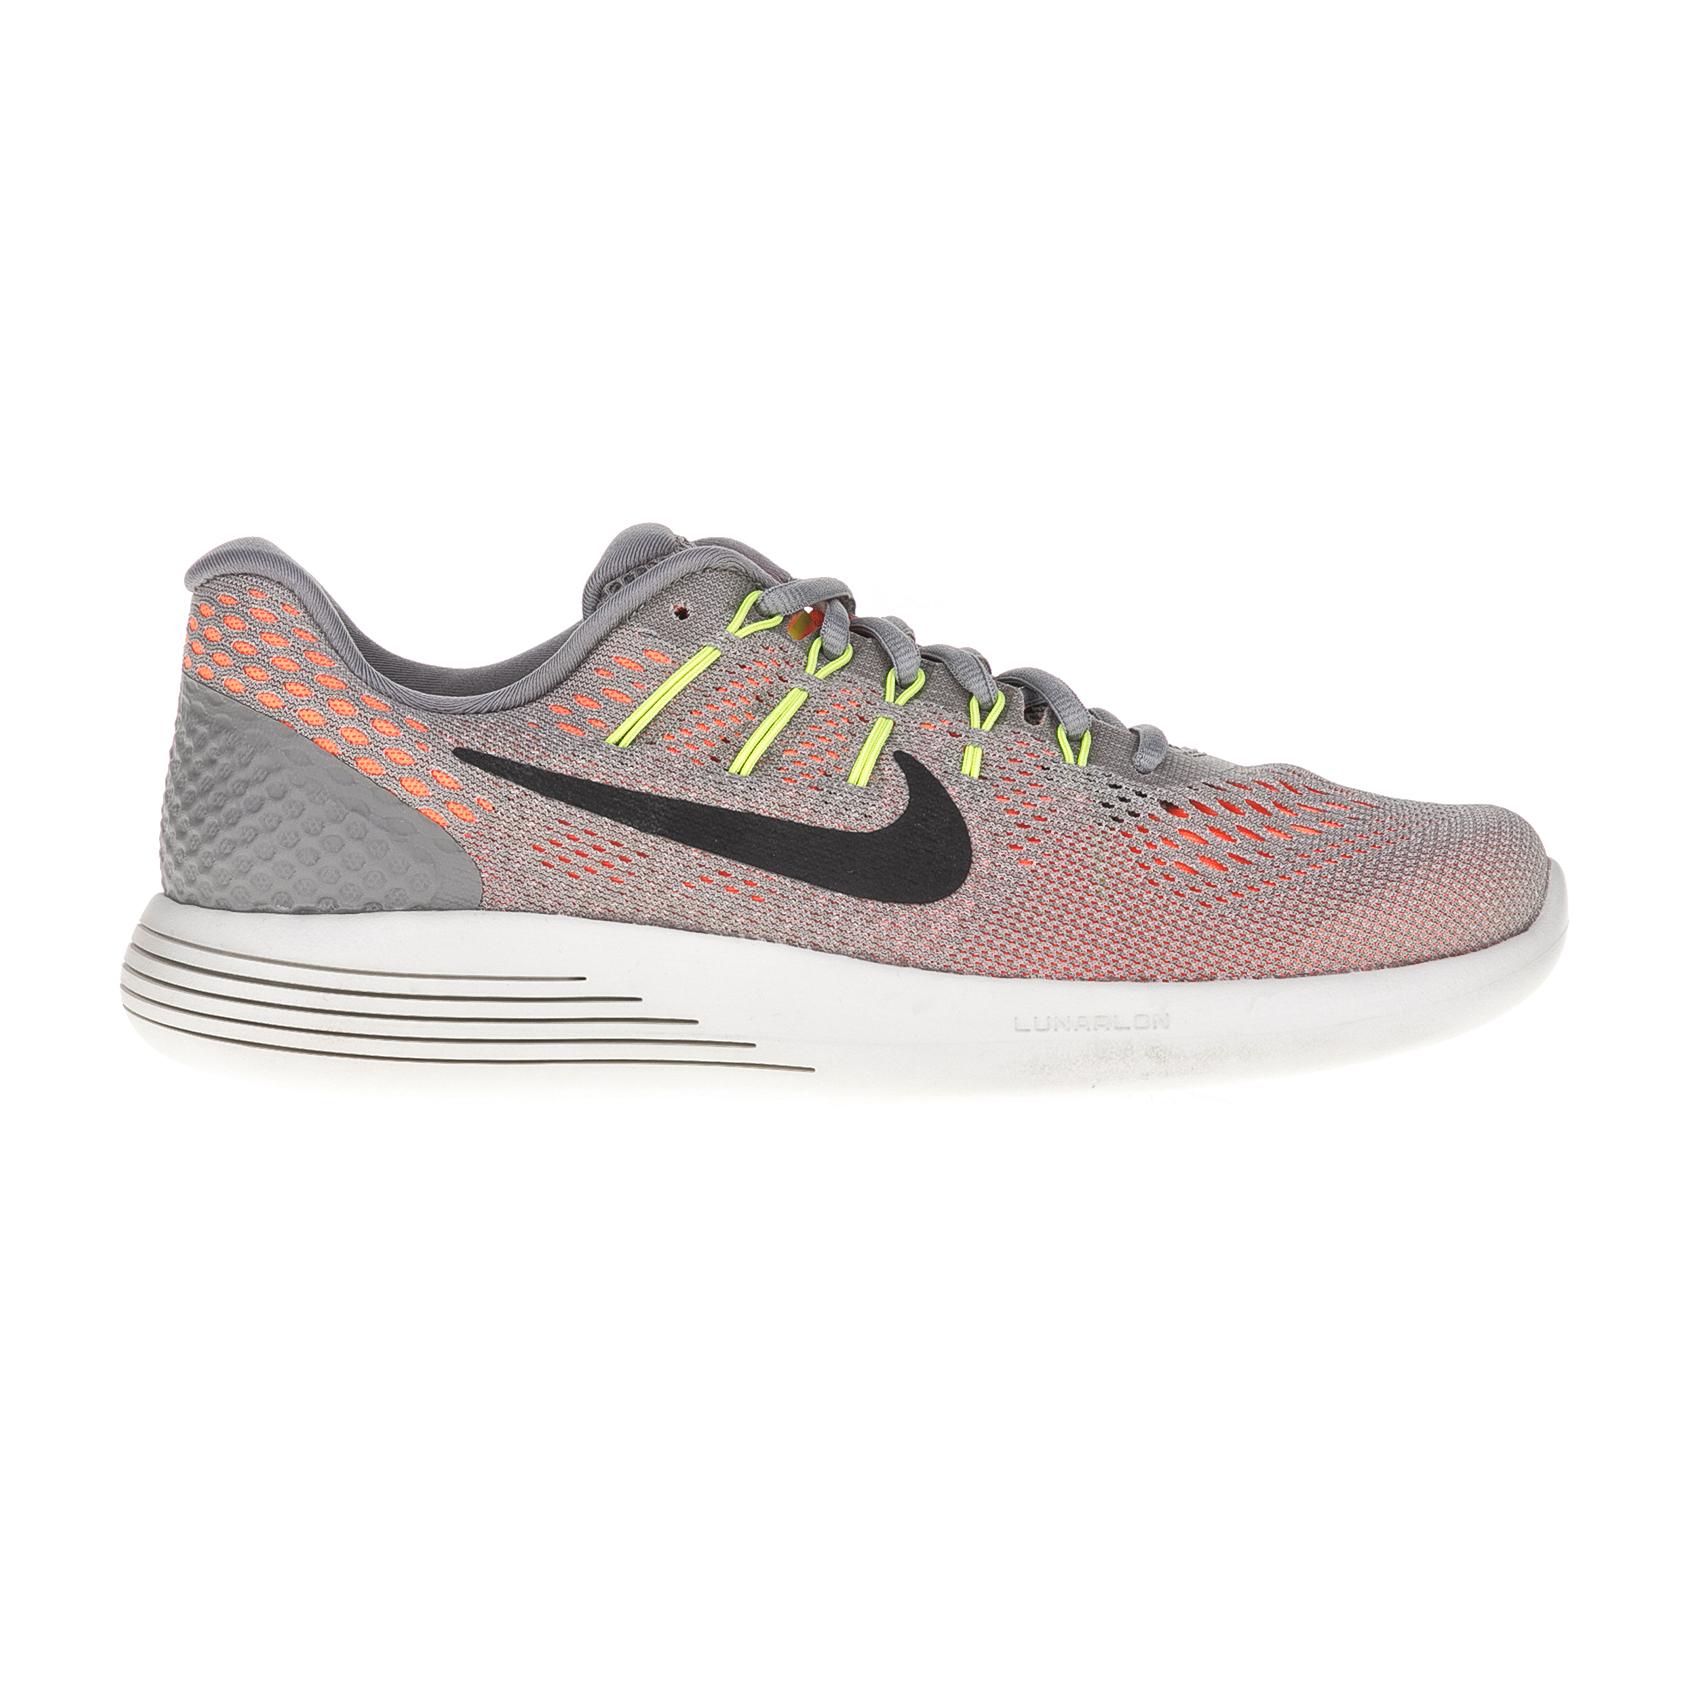 NIKE - Ανδρικά παπούτσια για τρέξιμο NIKE LUNARGLIDE 8 γκρι-πορτοκαλί ανδρικά παπούτσια αθλητικά running